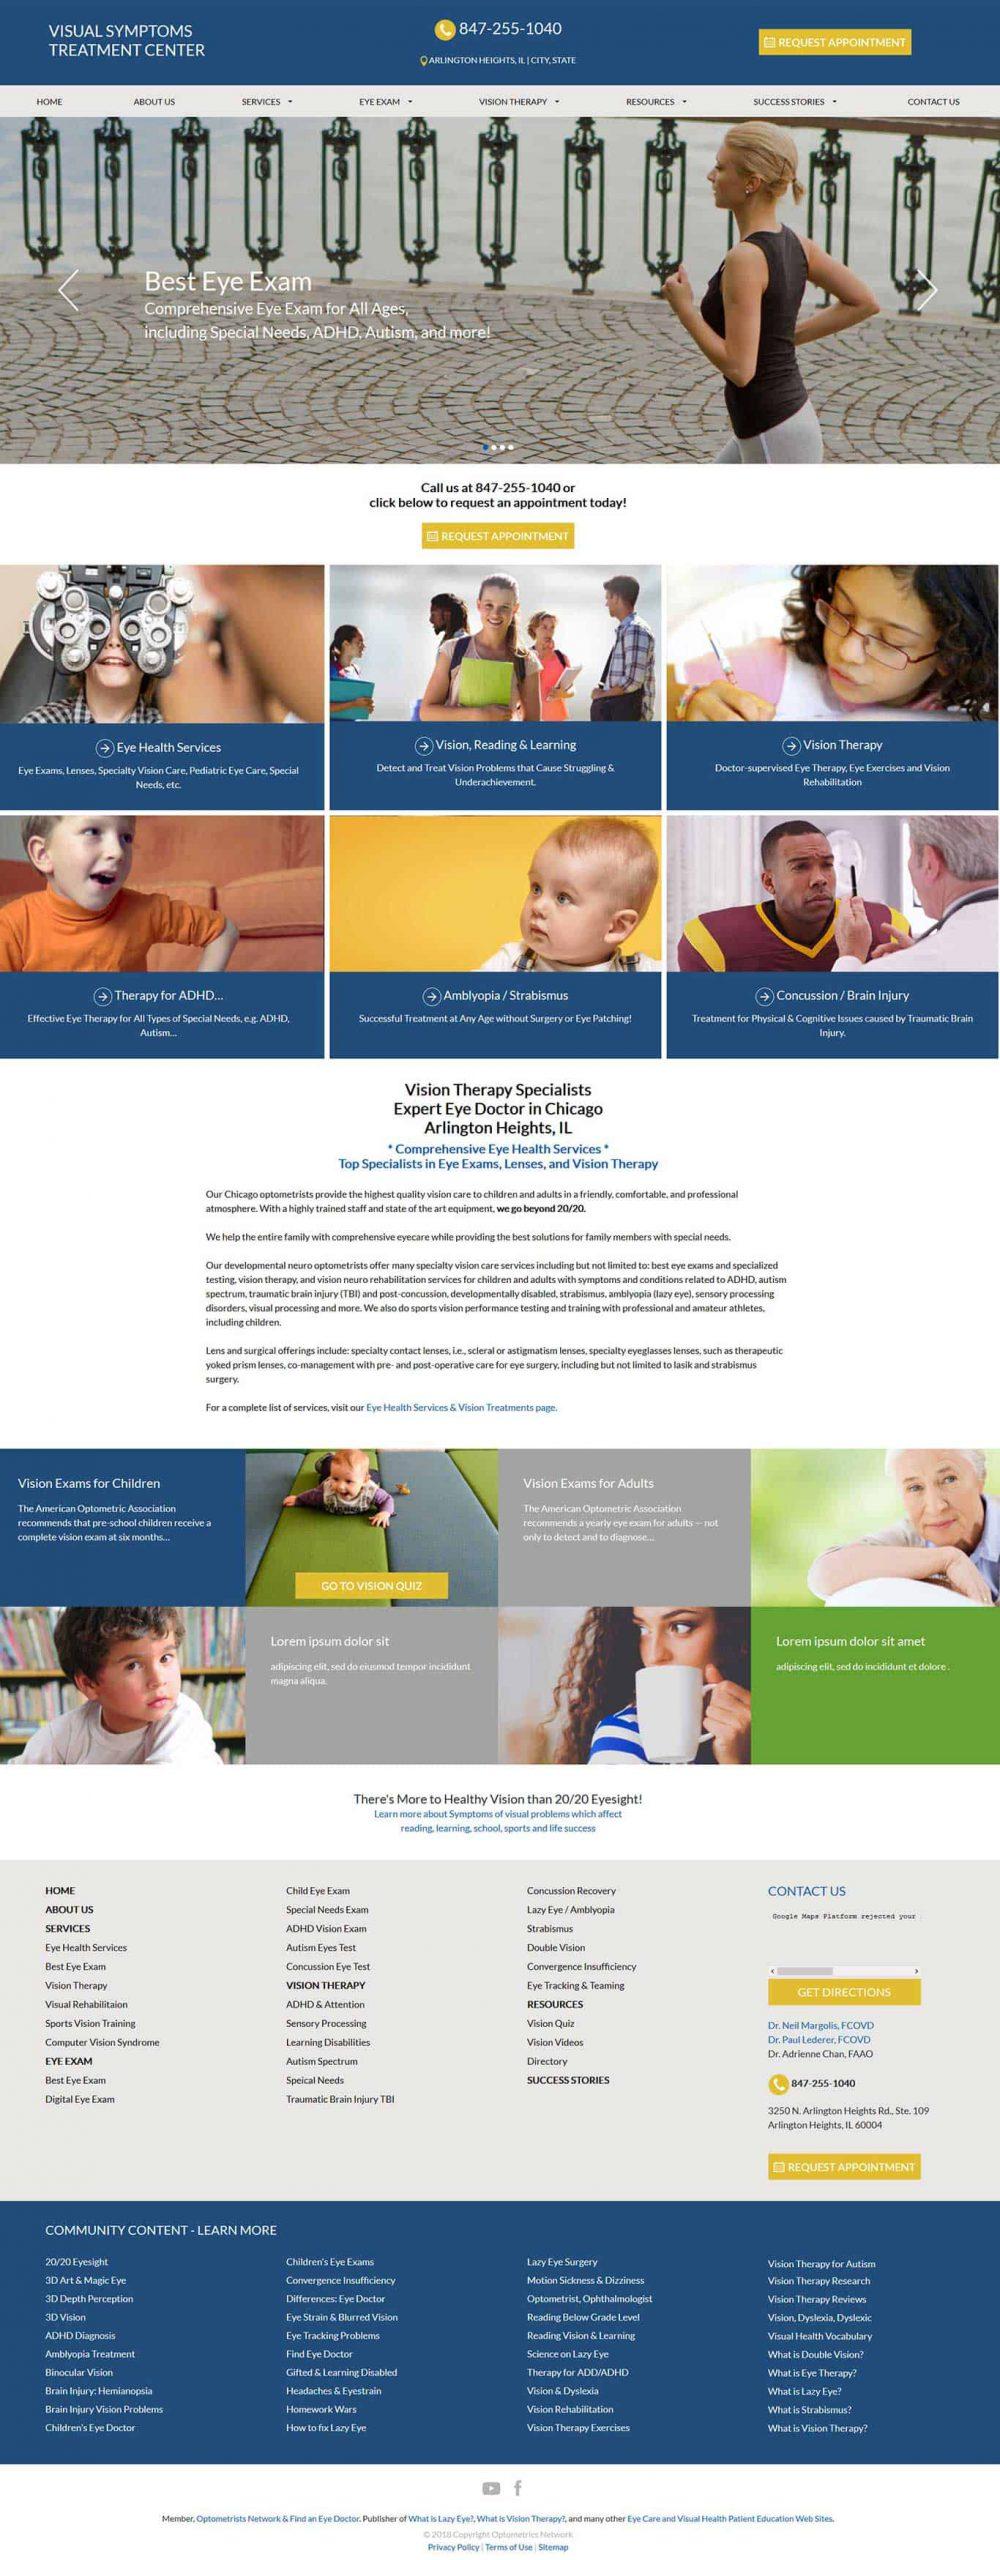 Vision Symptoms Treatment Center